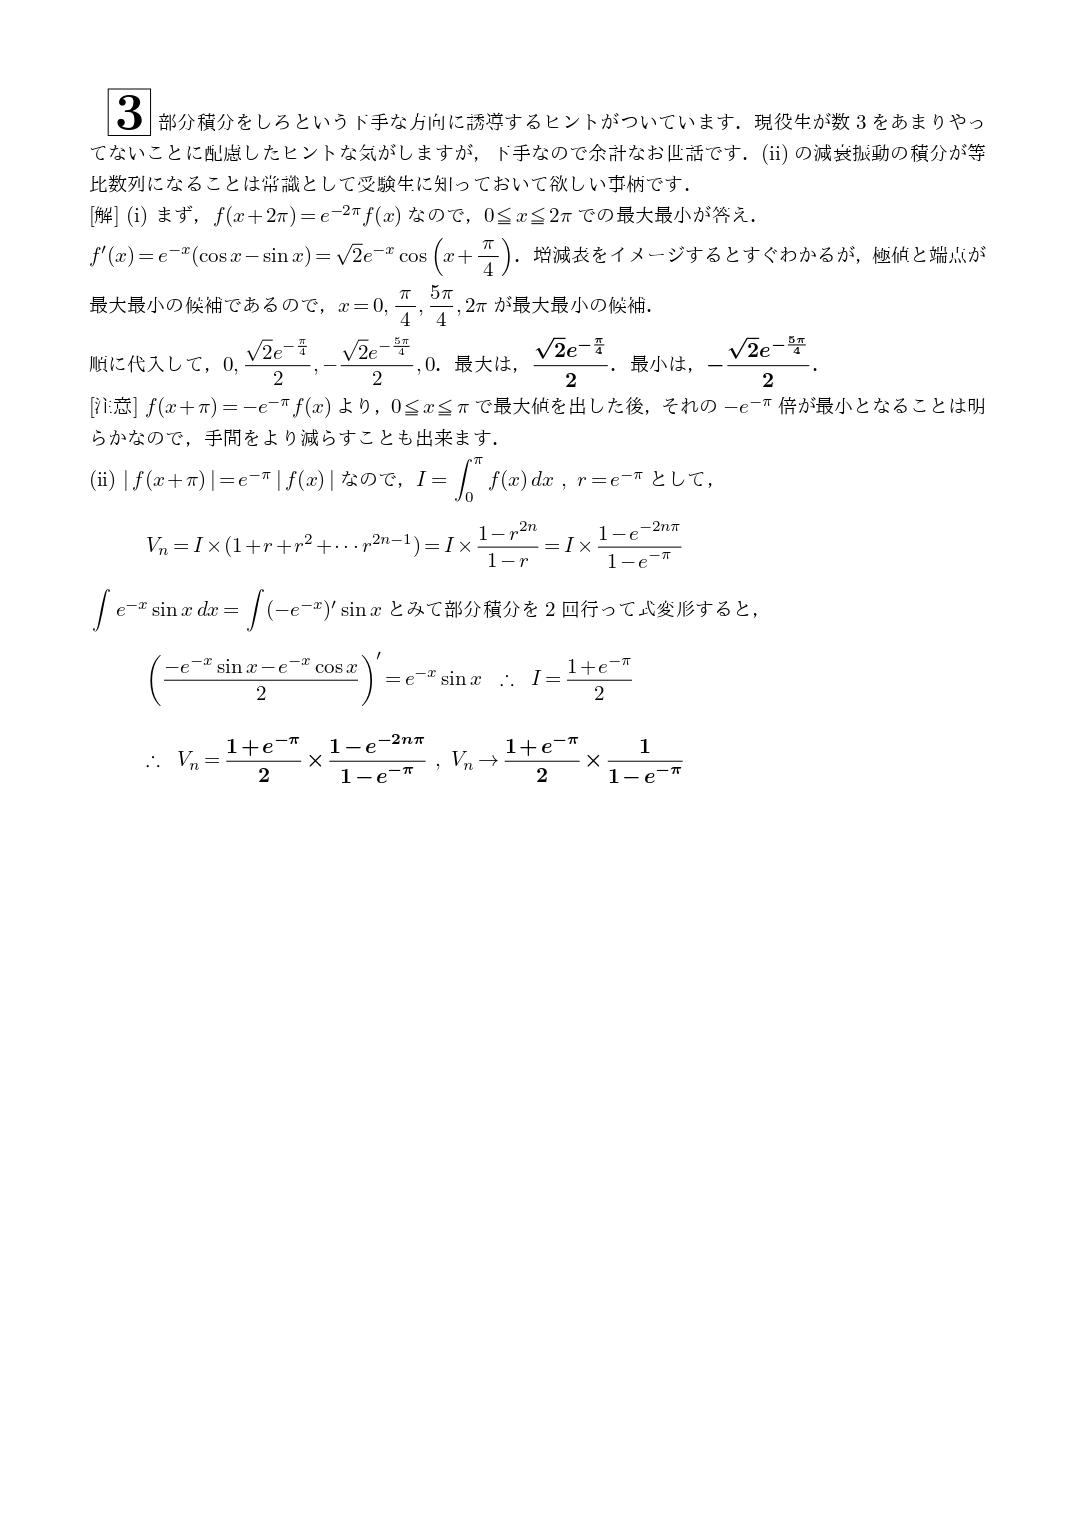 2021年2月2日 福岡大学(数学)解答速報